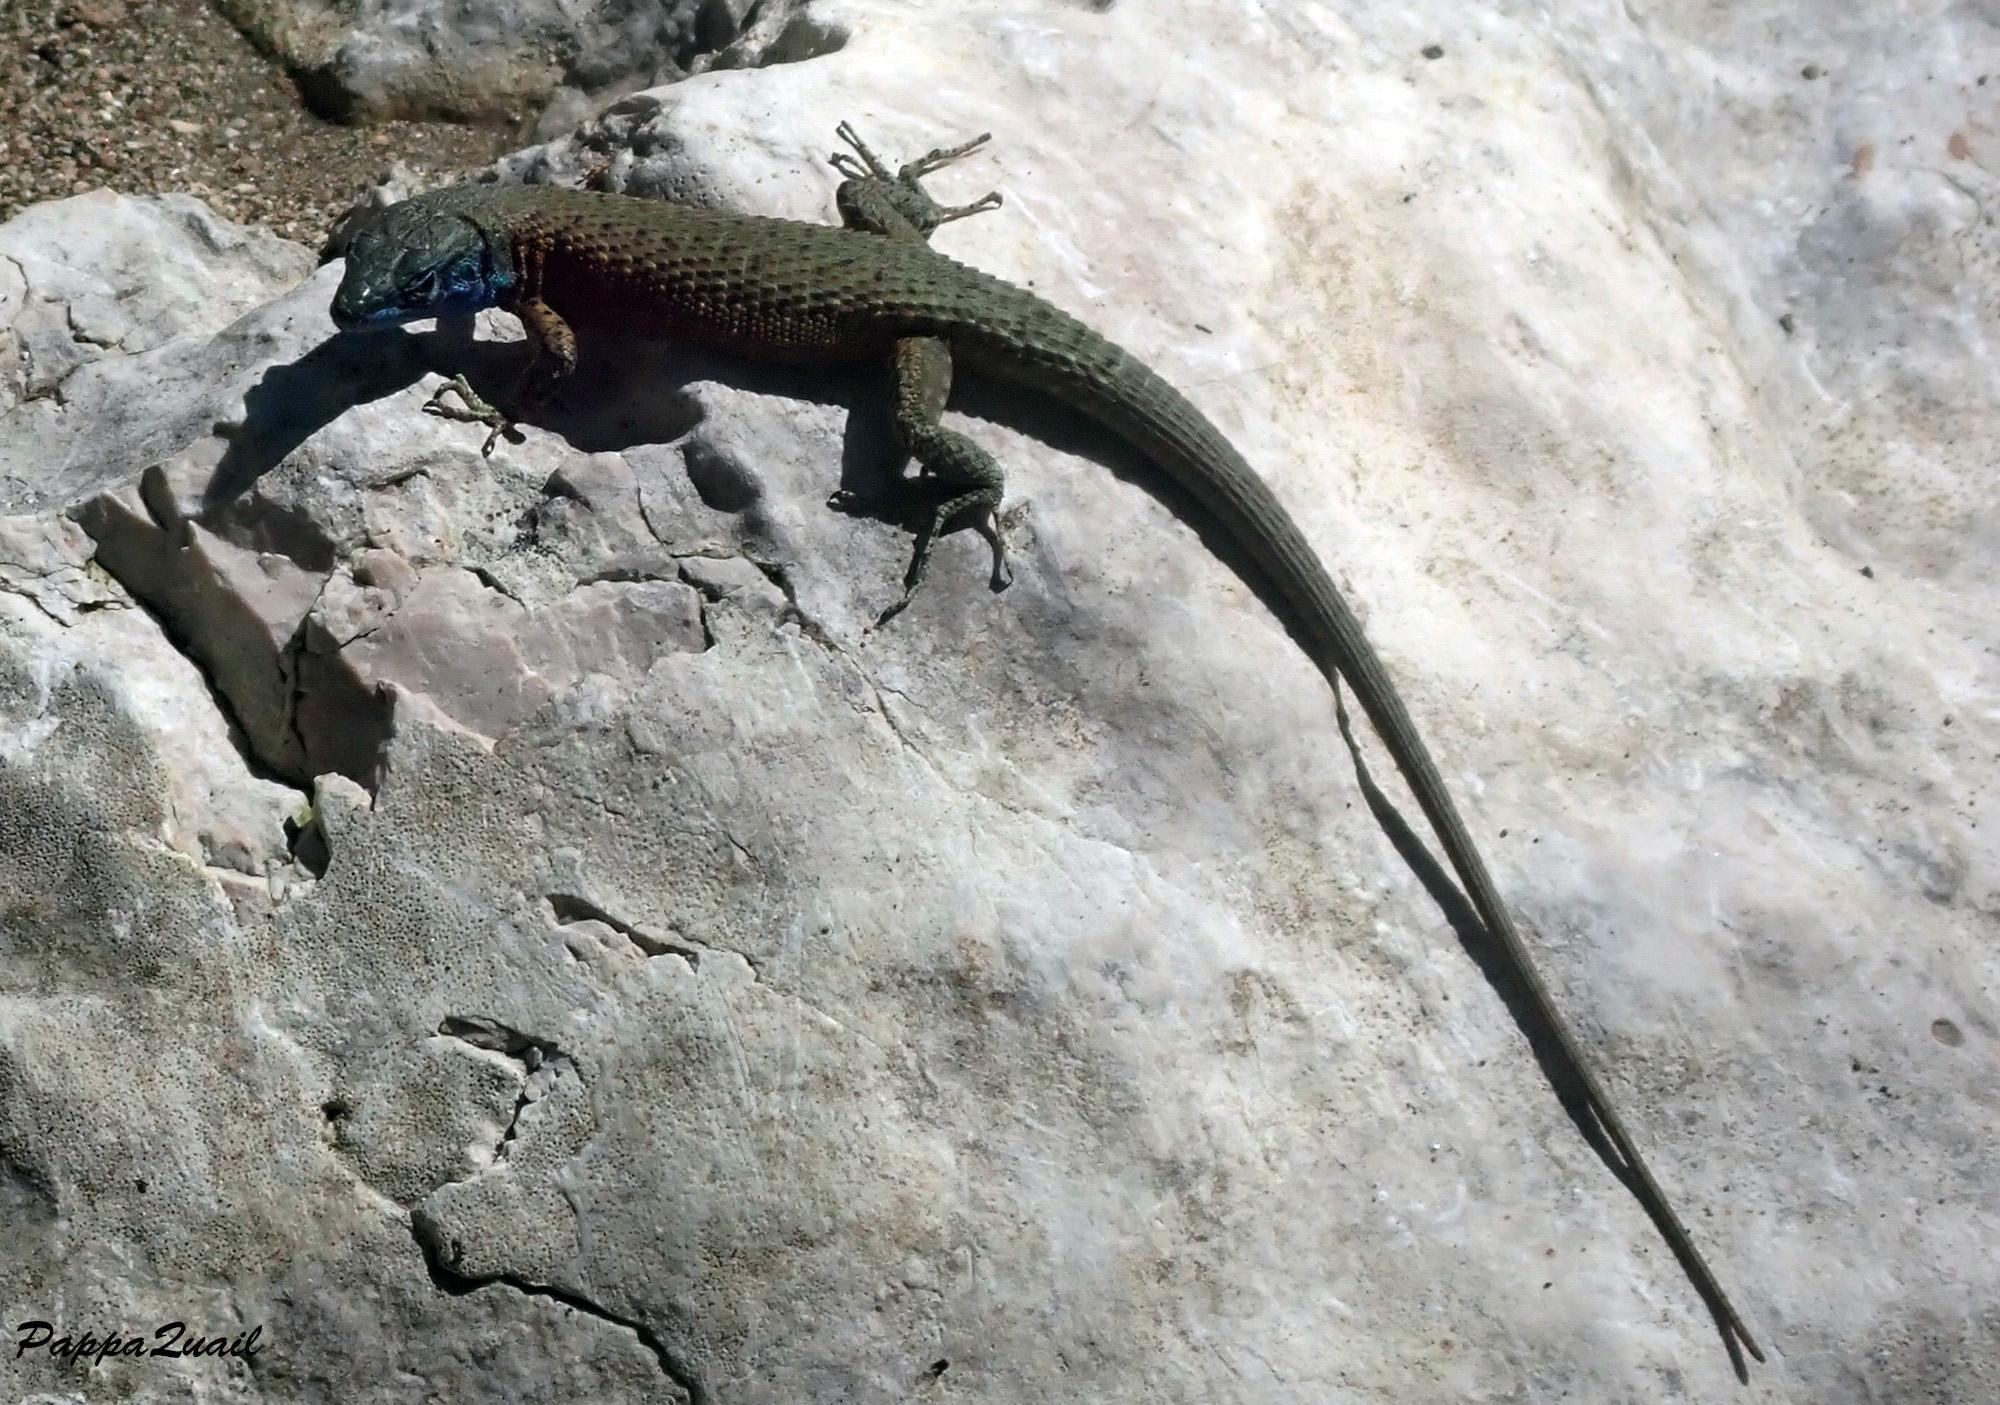 Blue-throated keeled lizard - Algyroides nigropunctatus